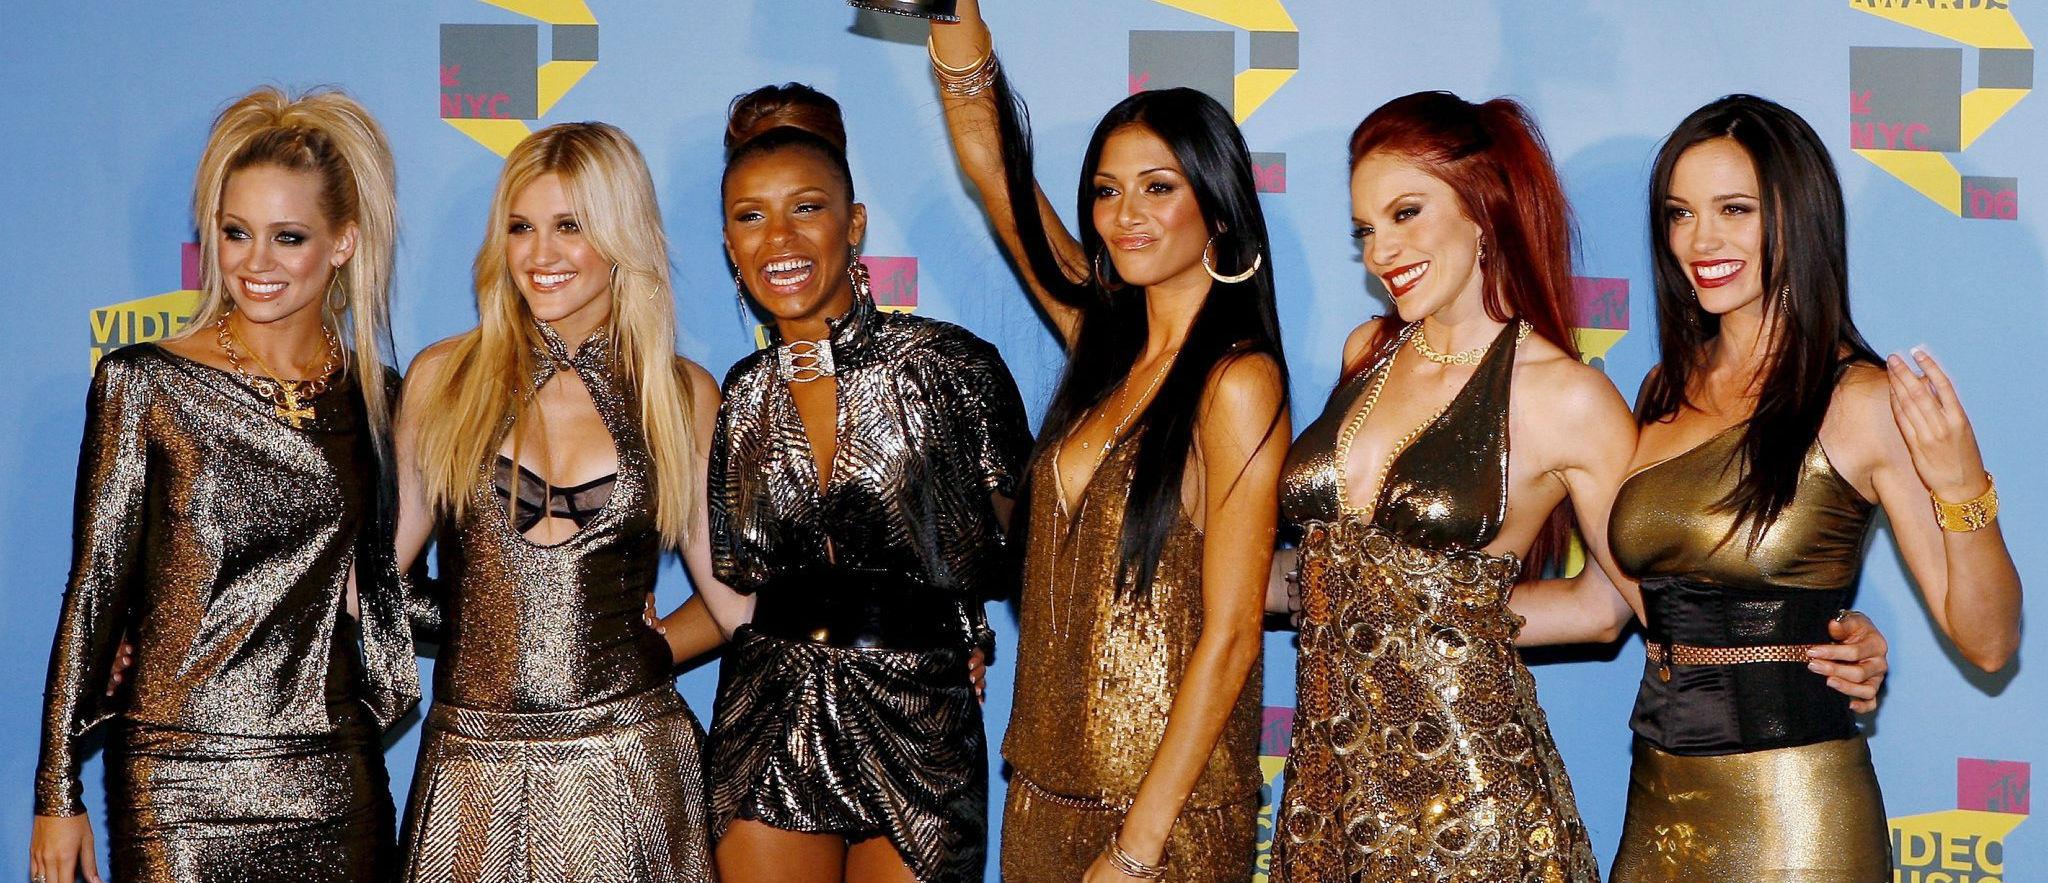 Goed nieuws: The Pussycat Dolls werken aan een comeback